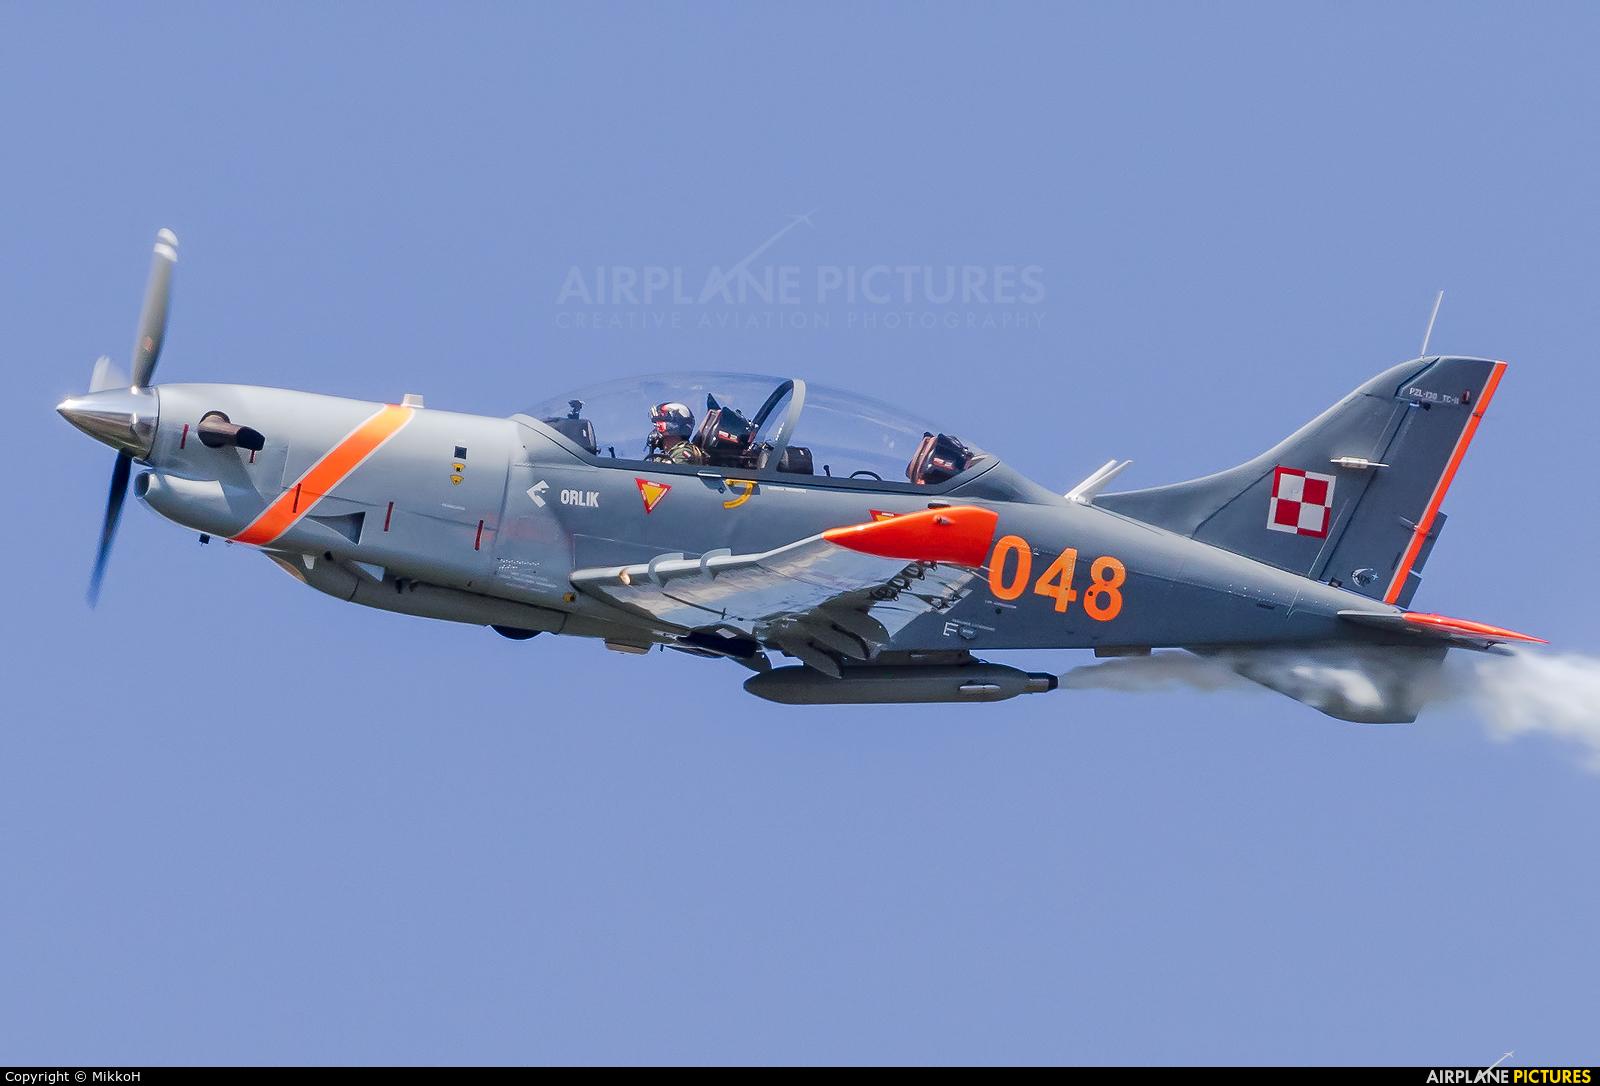 """Poland - Air Force """"Orlik Acrobatic Group"""" 048 aircraft at Turku"""